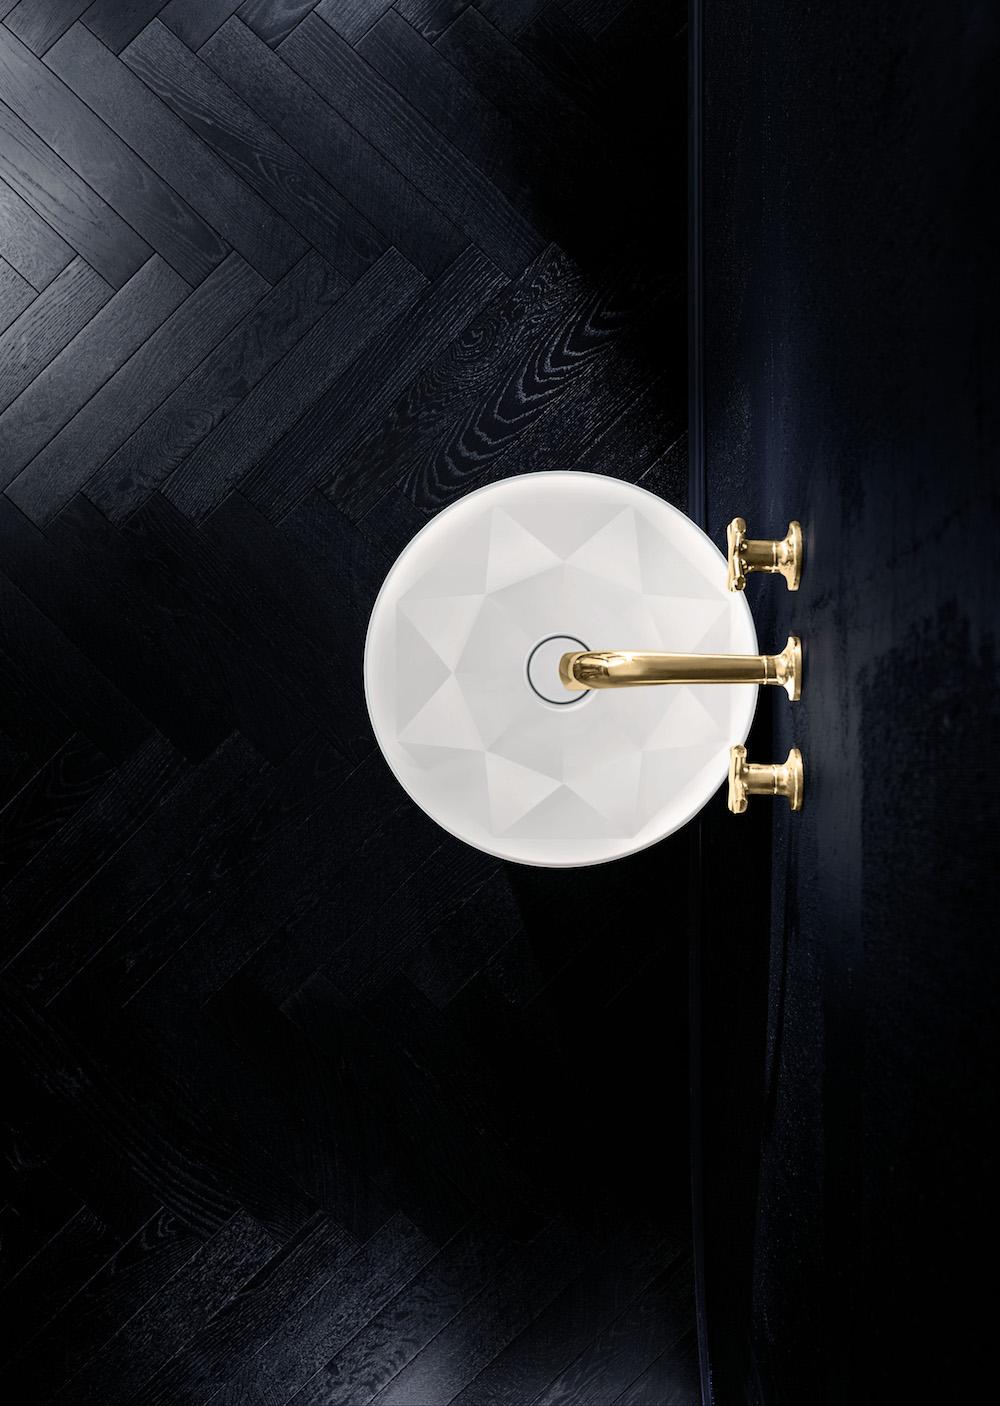 Unieke ronde wastafel Octagon van Villeroy & Boch #wastafel #design